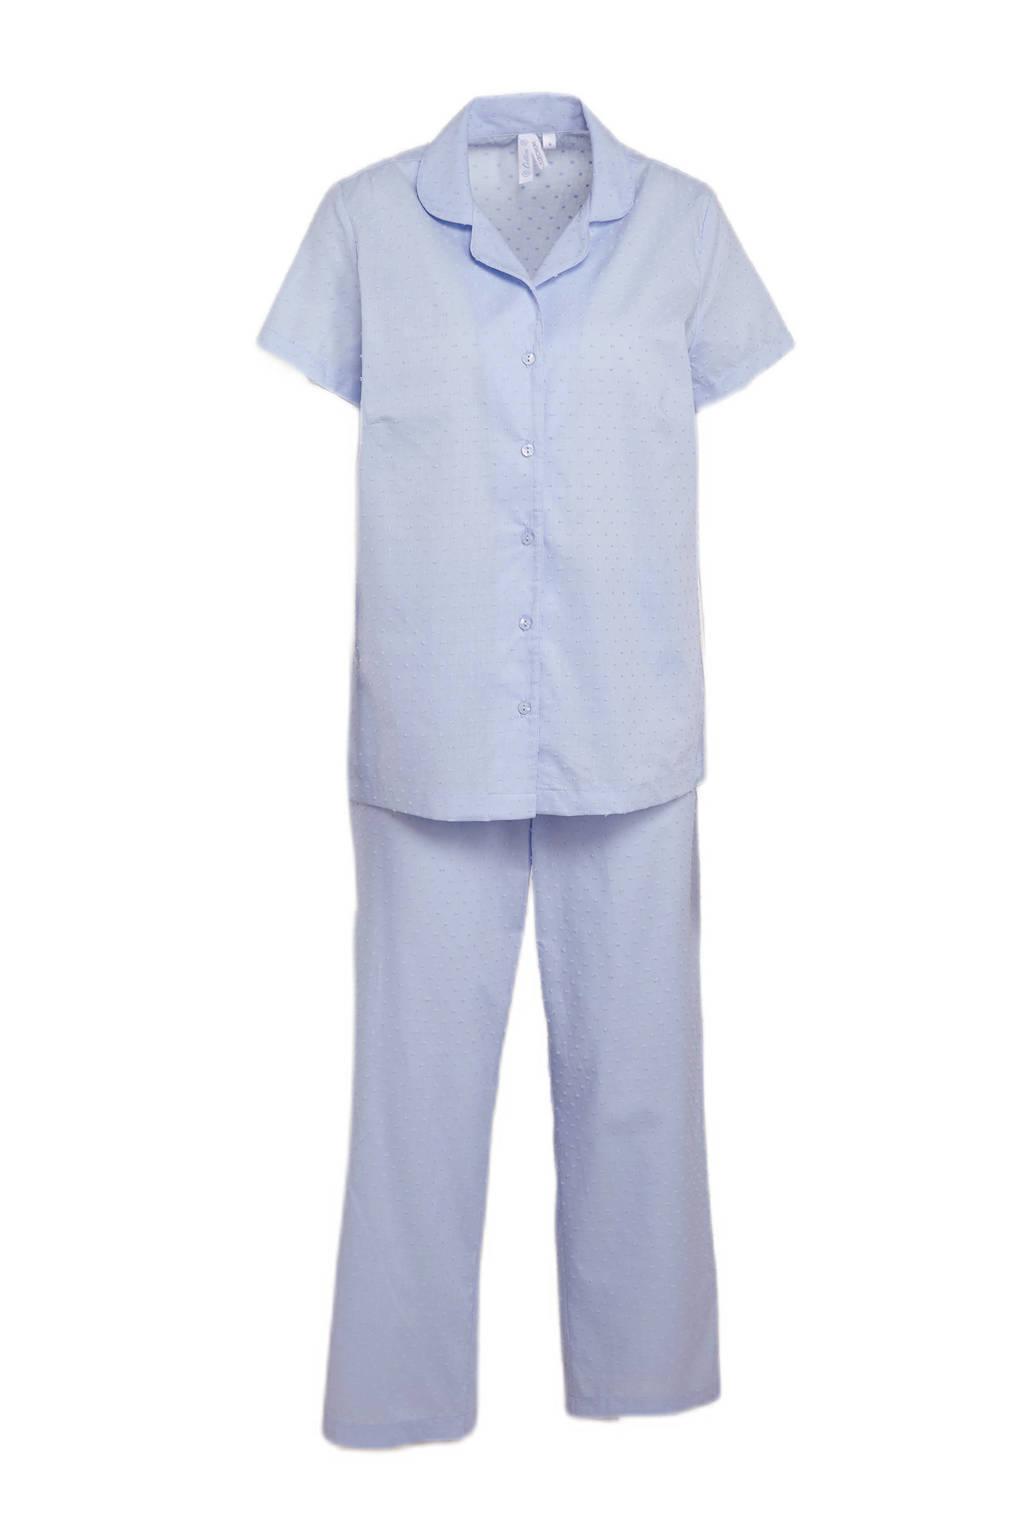 C&A pyjama met textuur lichtblauw, Lichtblauw